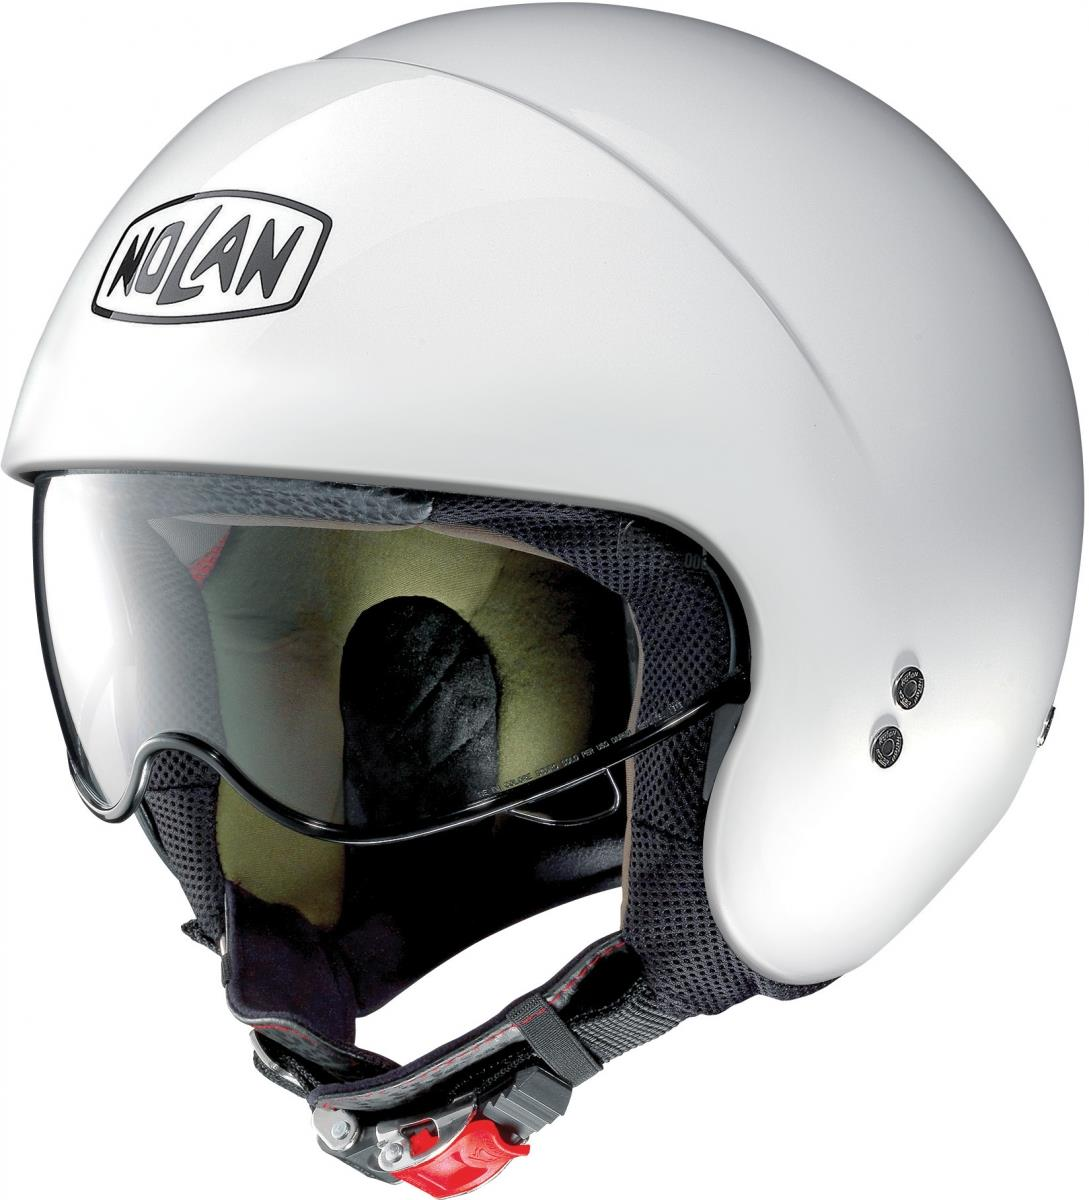 Nolan N21 Special